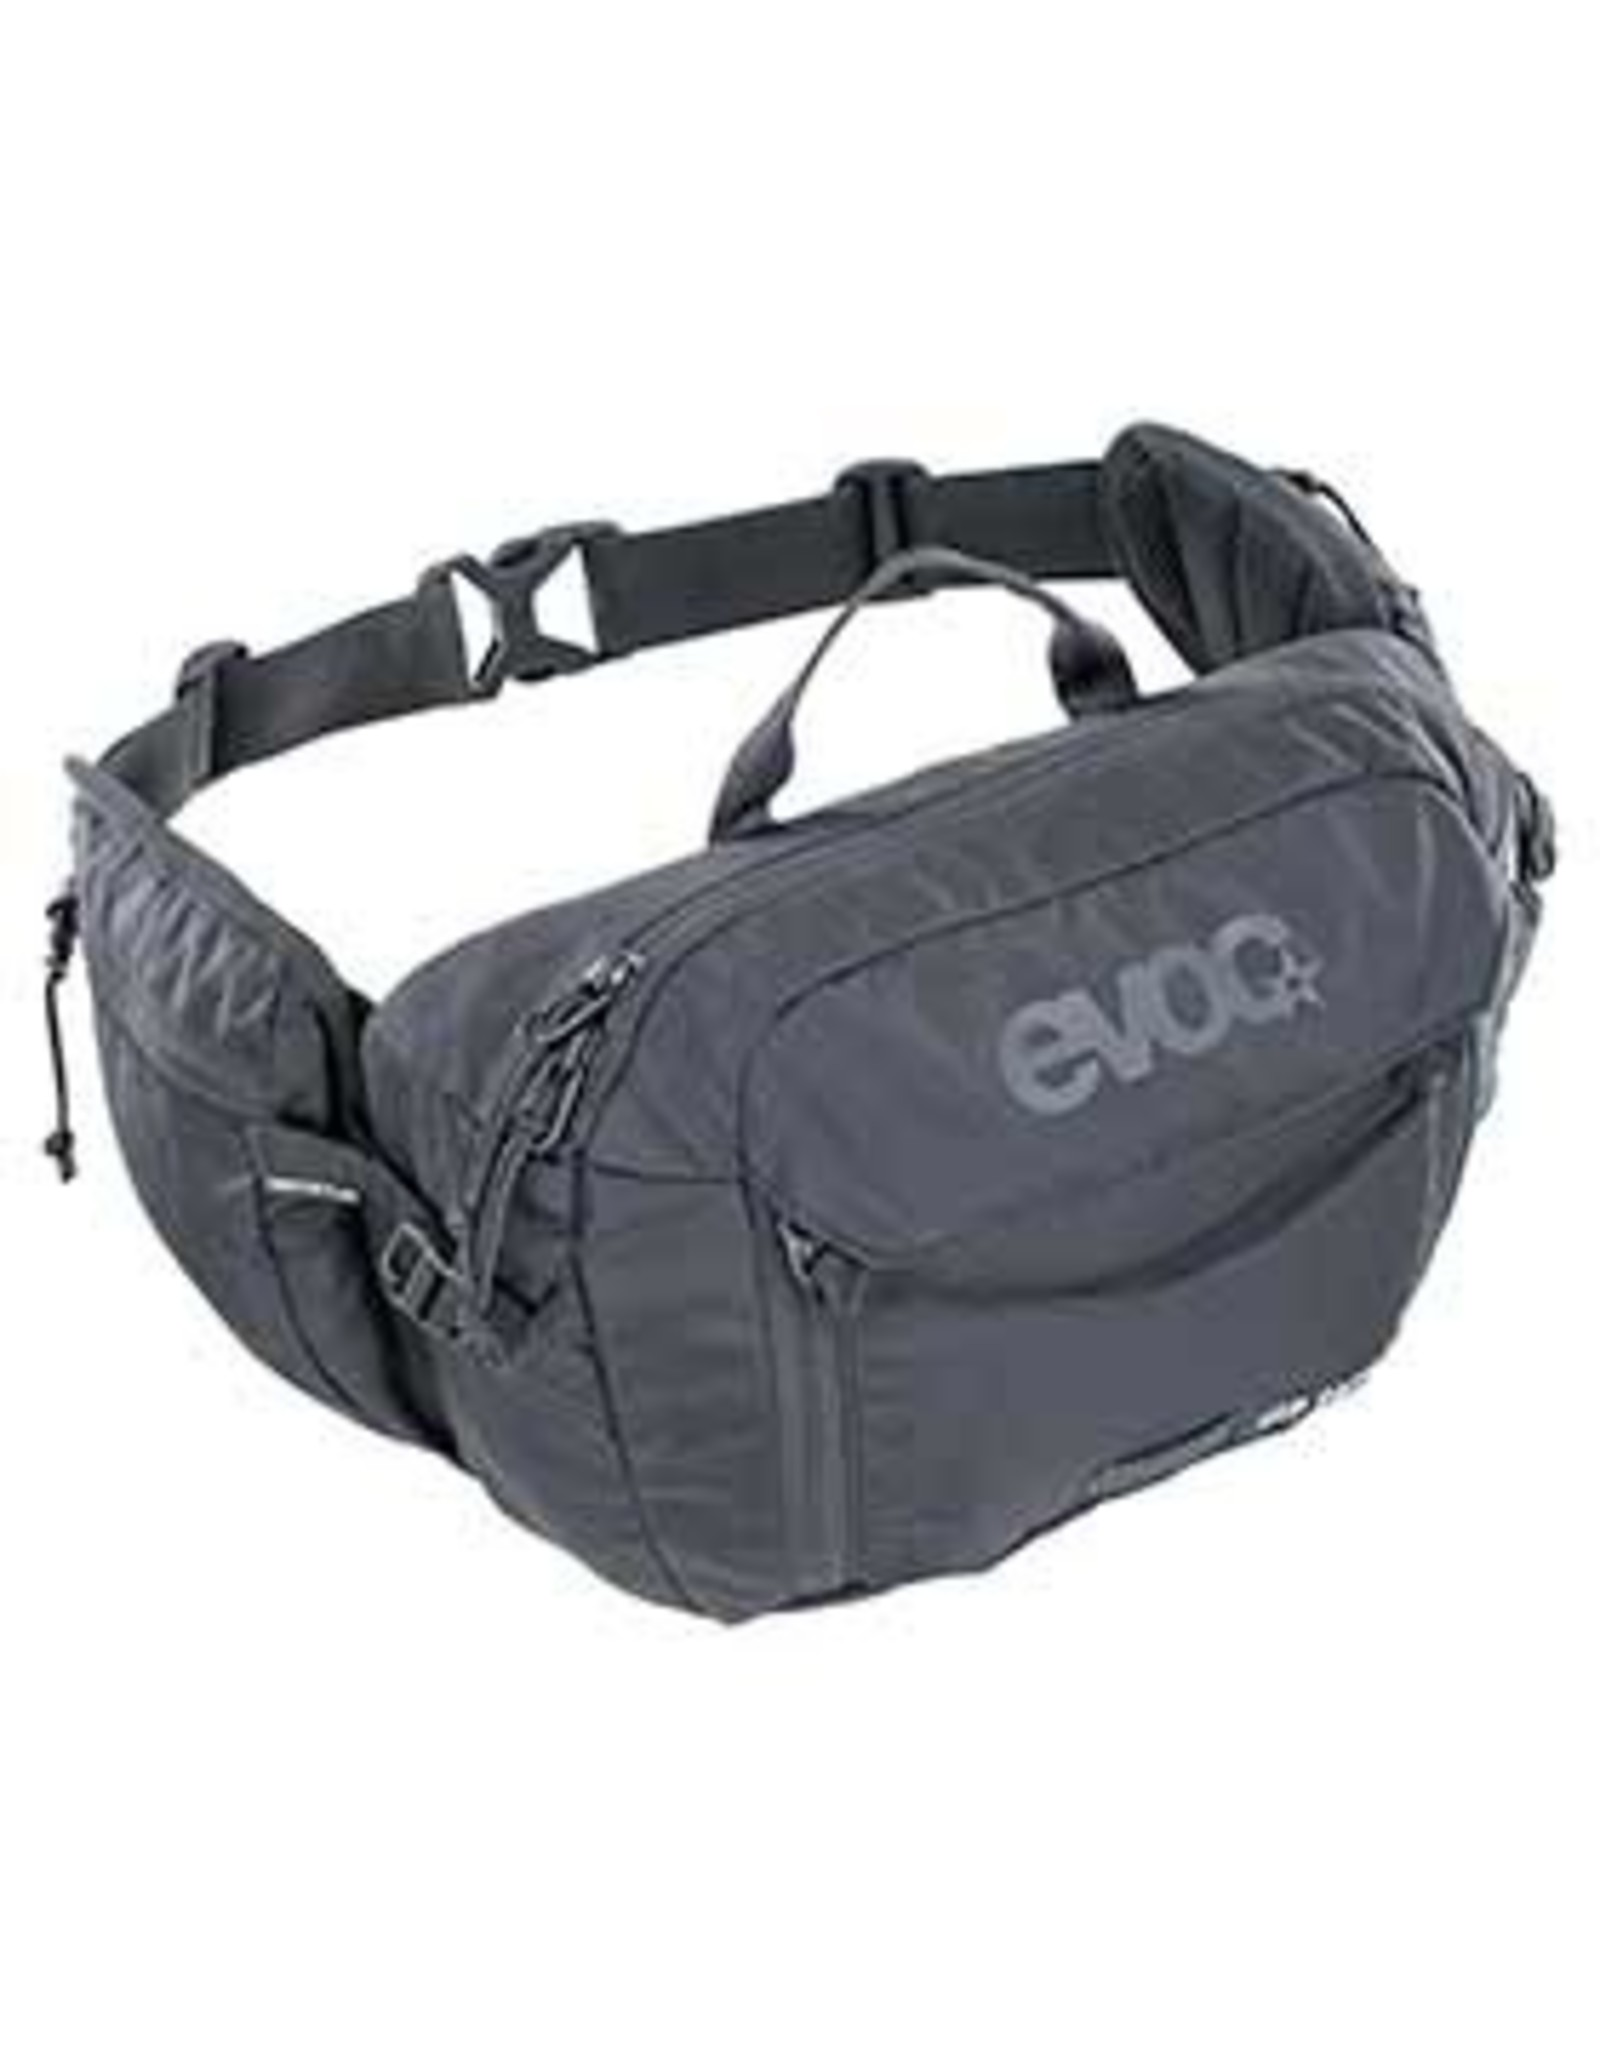 EVOC Hip Pack 3L + Réservoir 1.5L